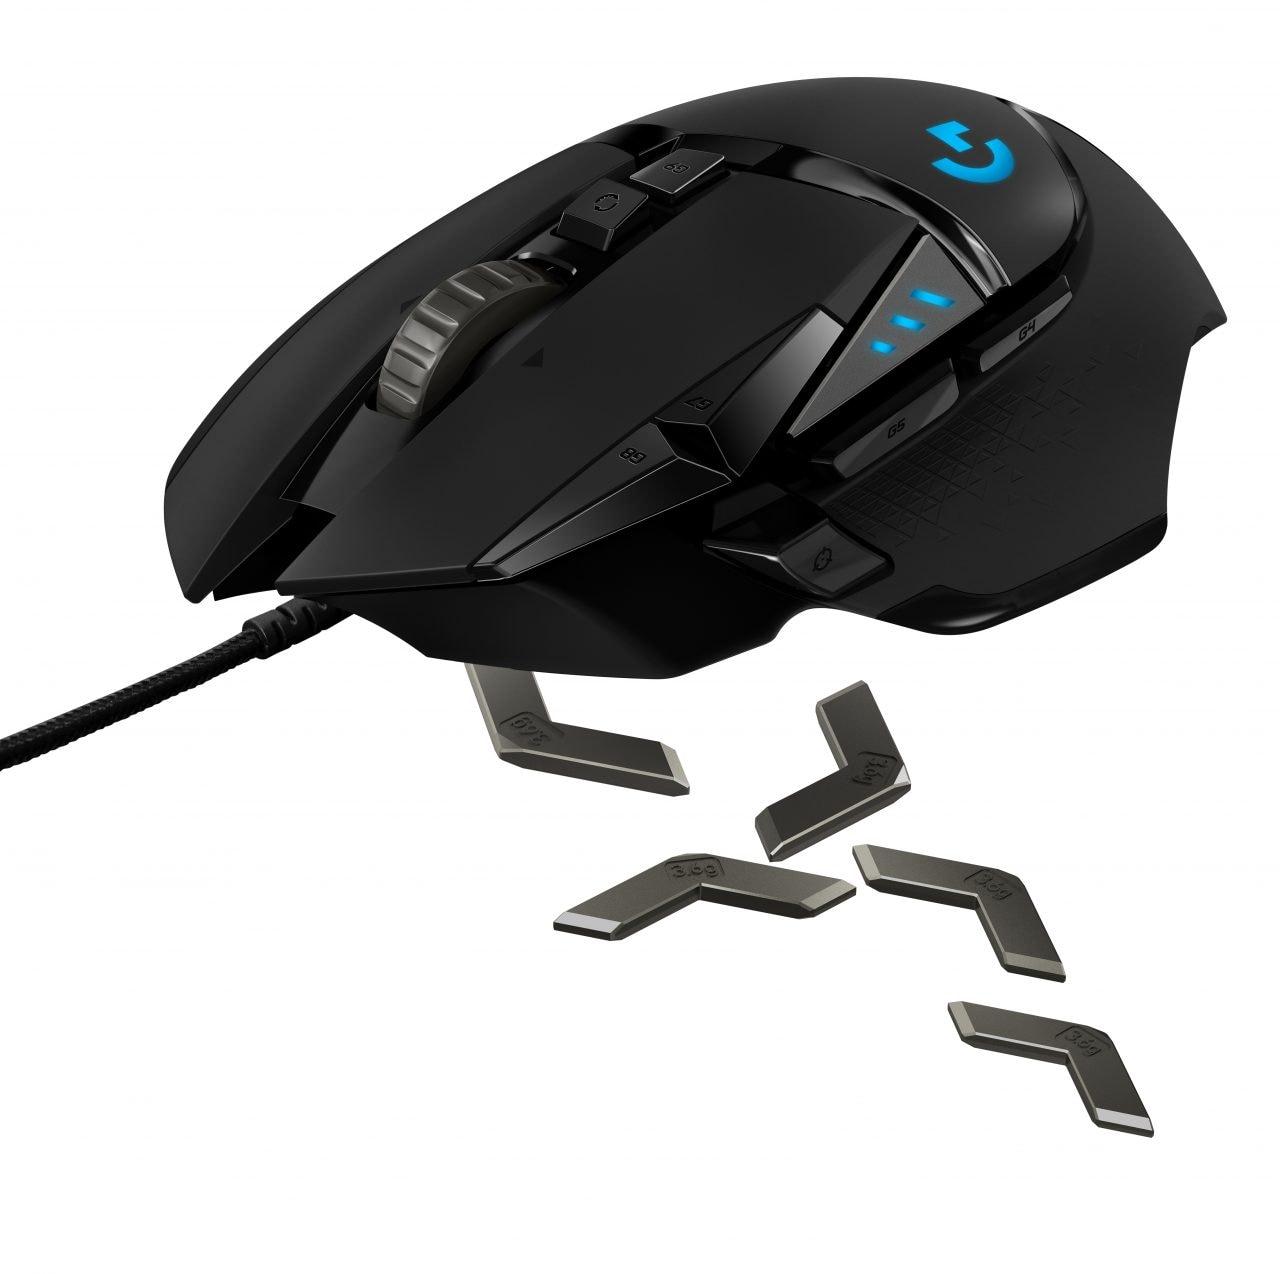 Il già ottimo Logitech G502 si aggiorna con HERO 16K, per migliorare sempre di più (foto)